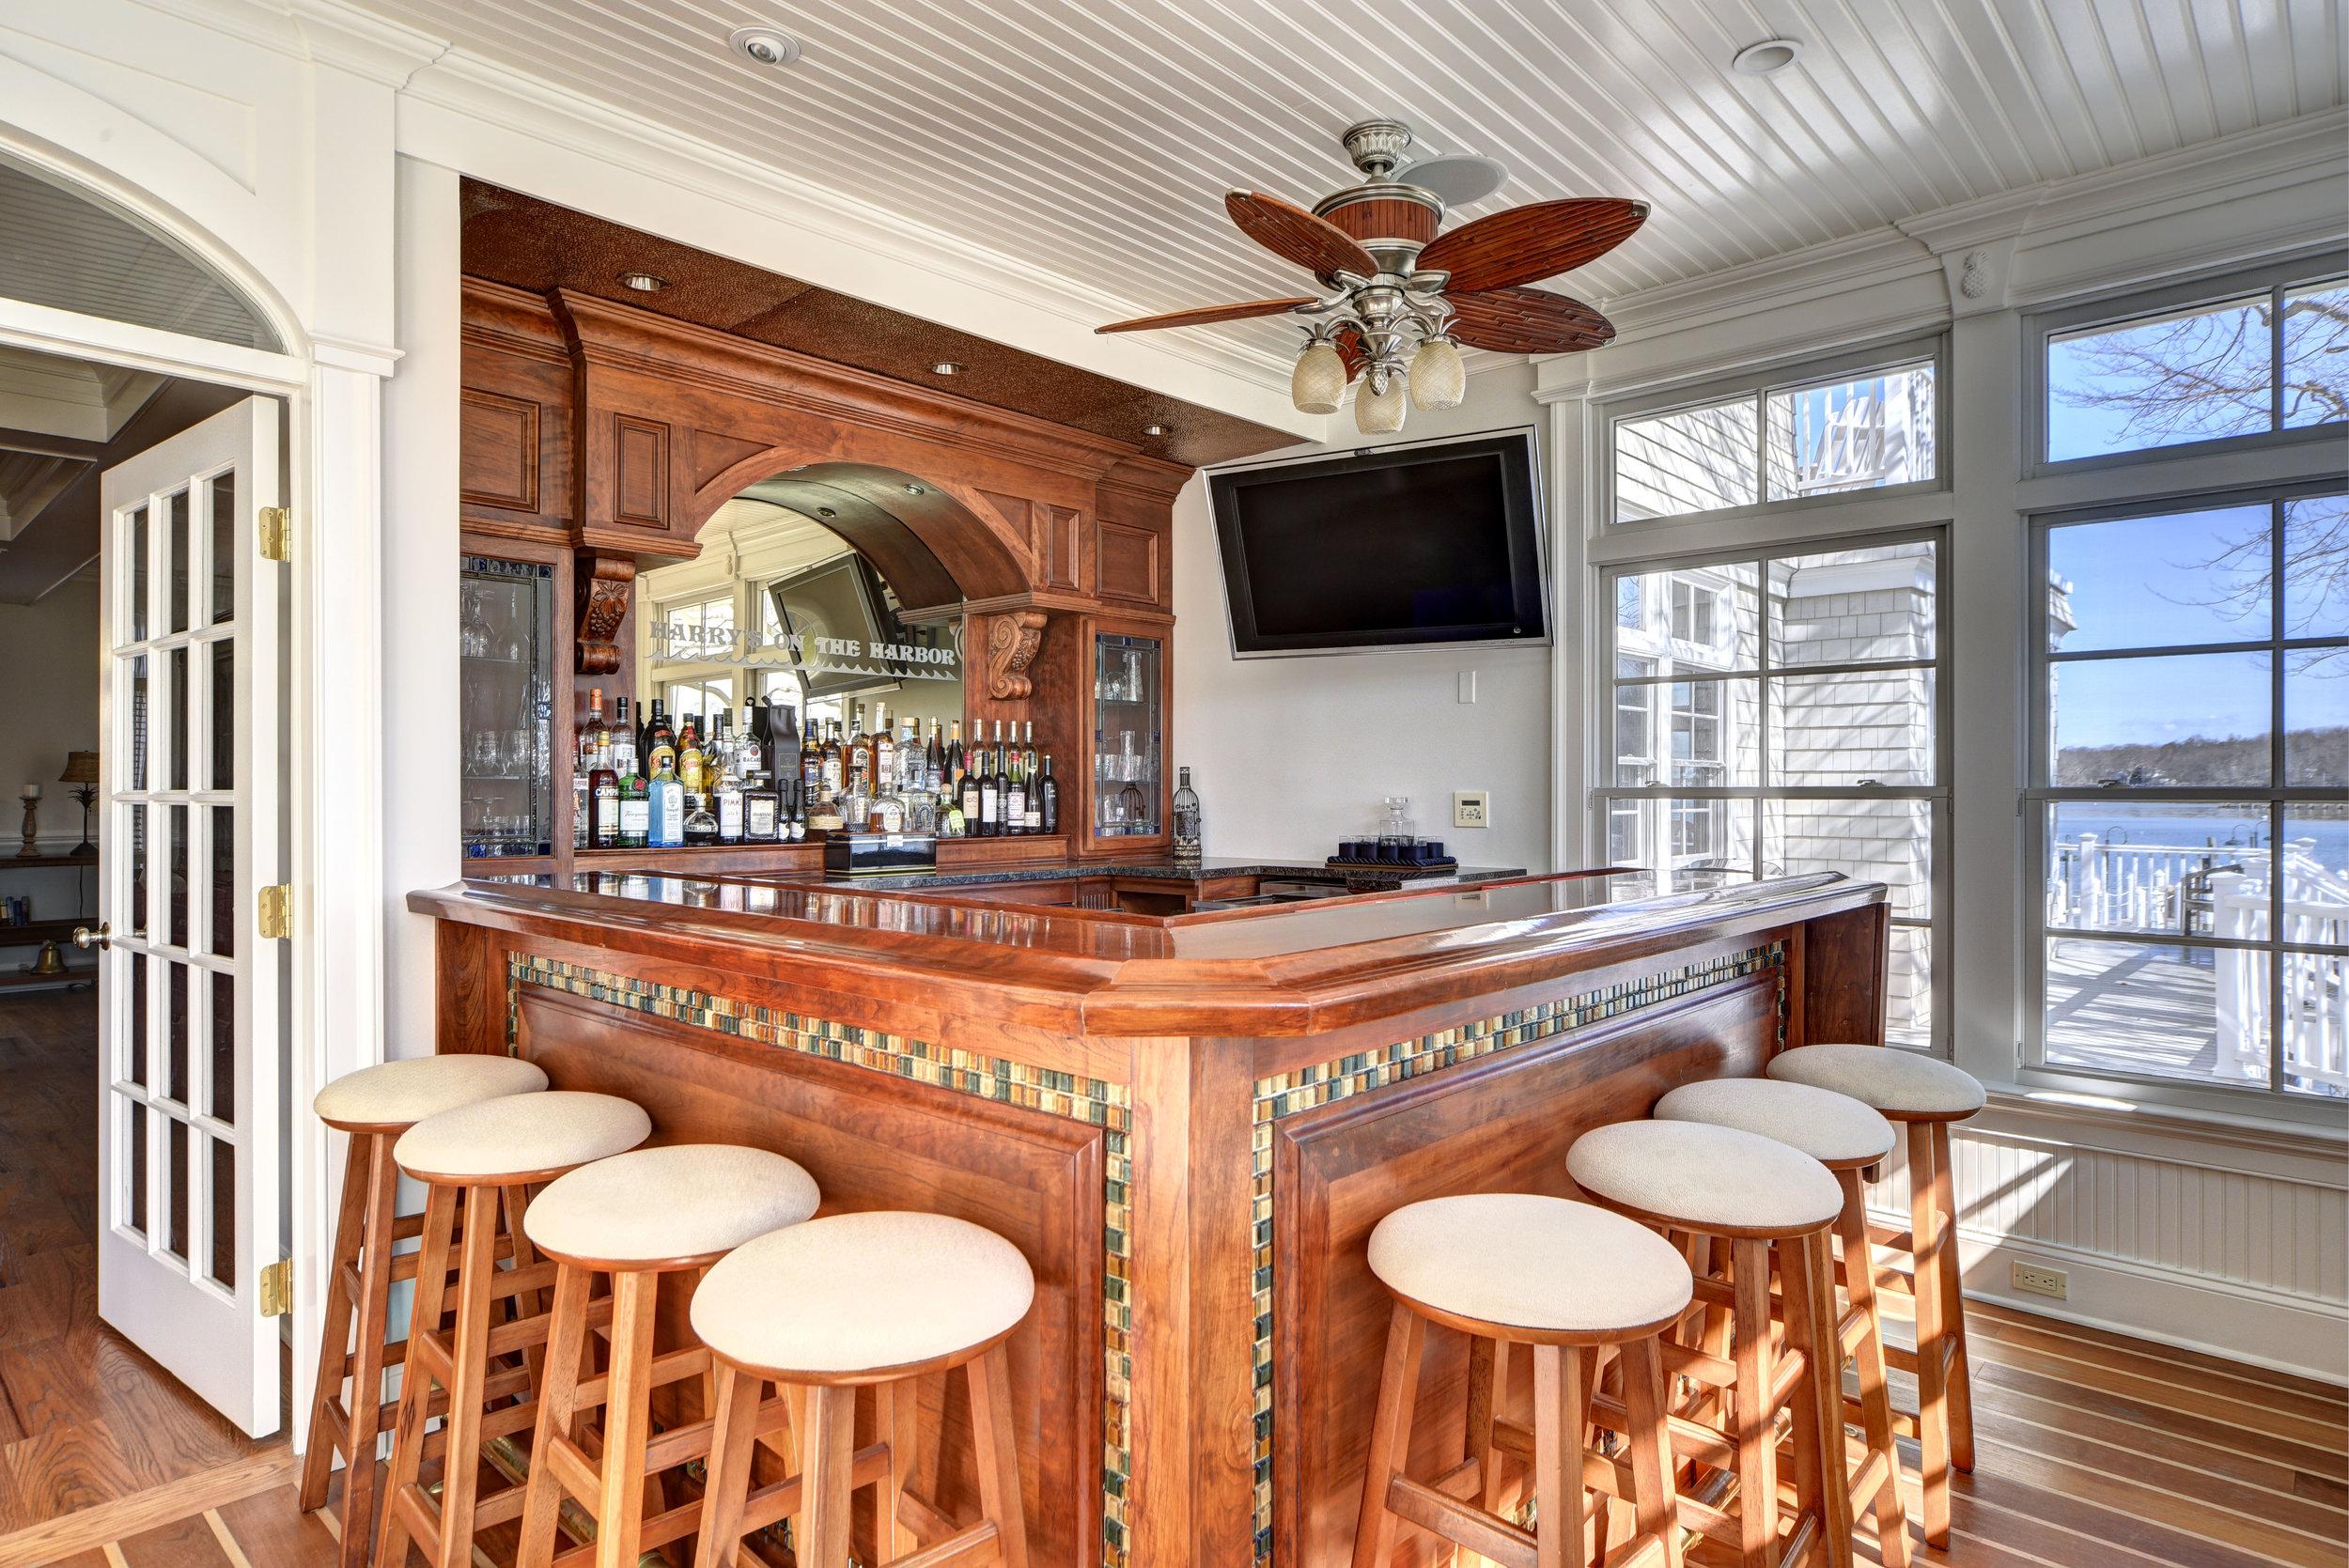 29 Winthrop Rd bar.jpg